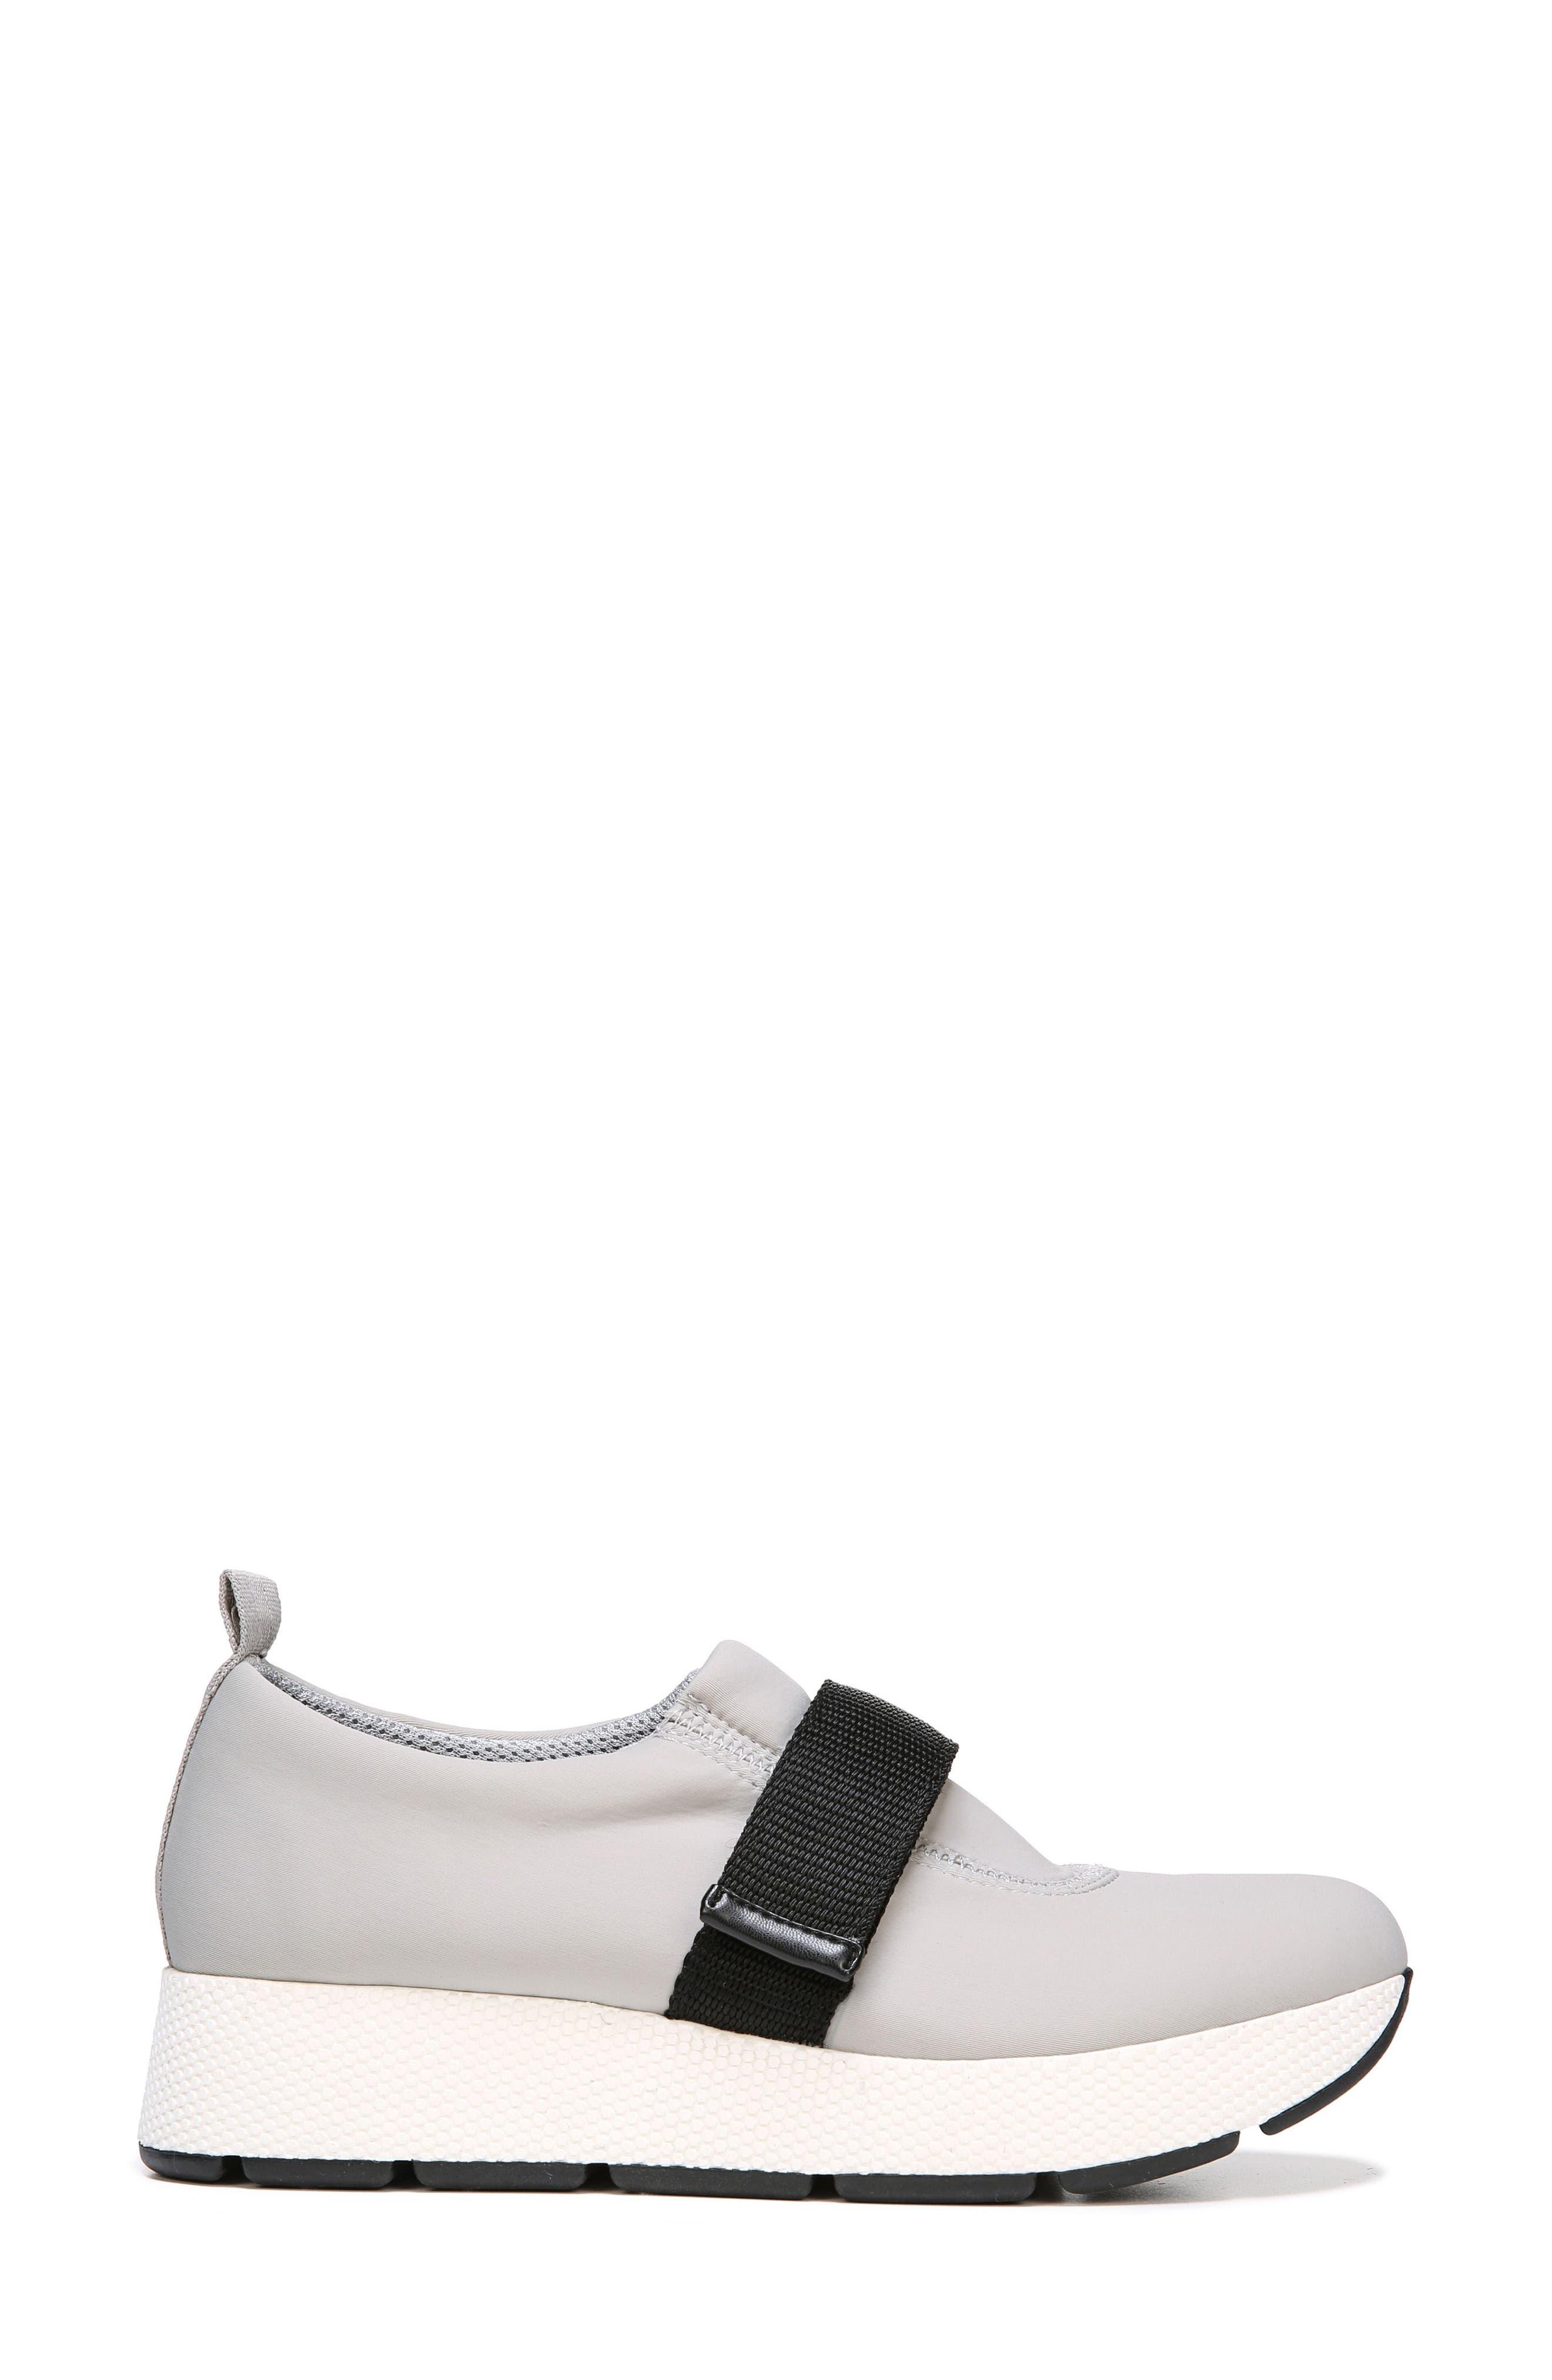 Alternate Image 3  - SARTO by Franco Sarto Odella Slip-On Sneaker (Women)